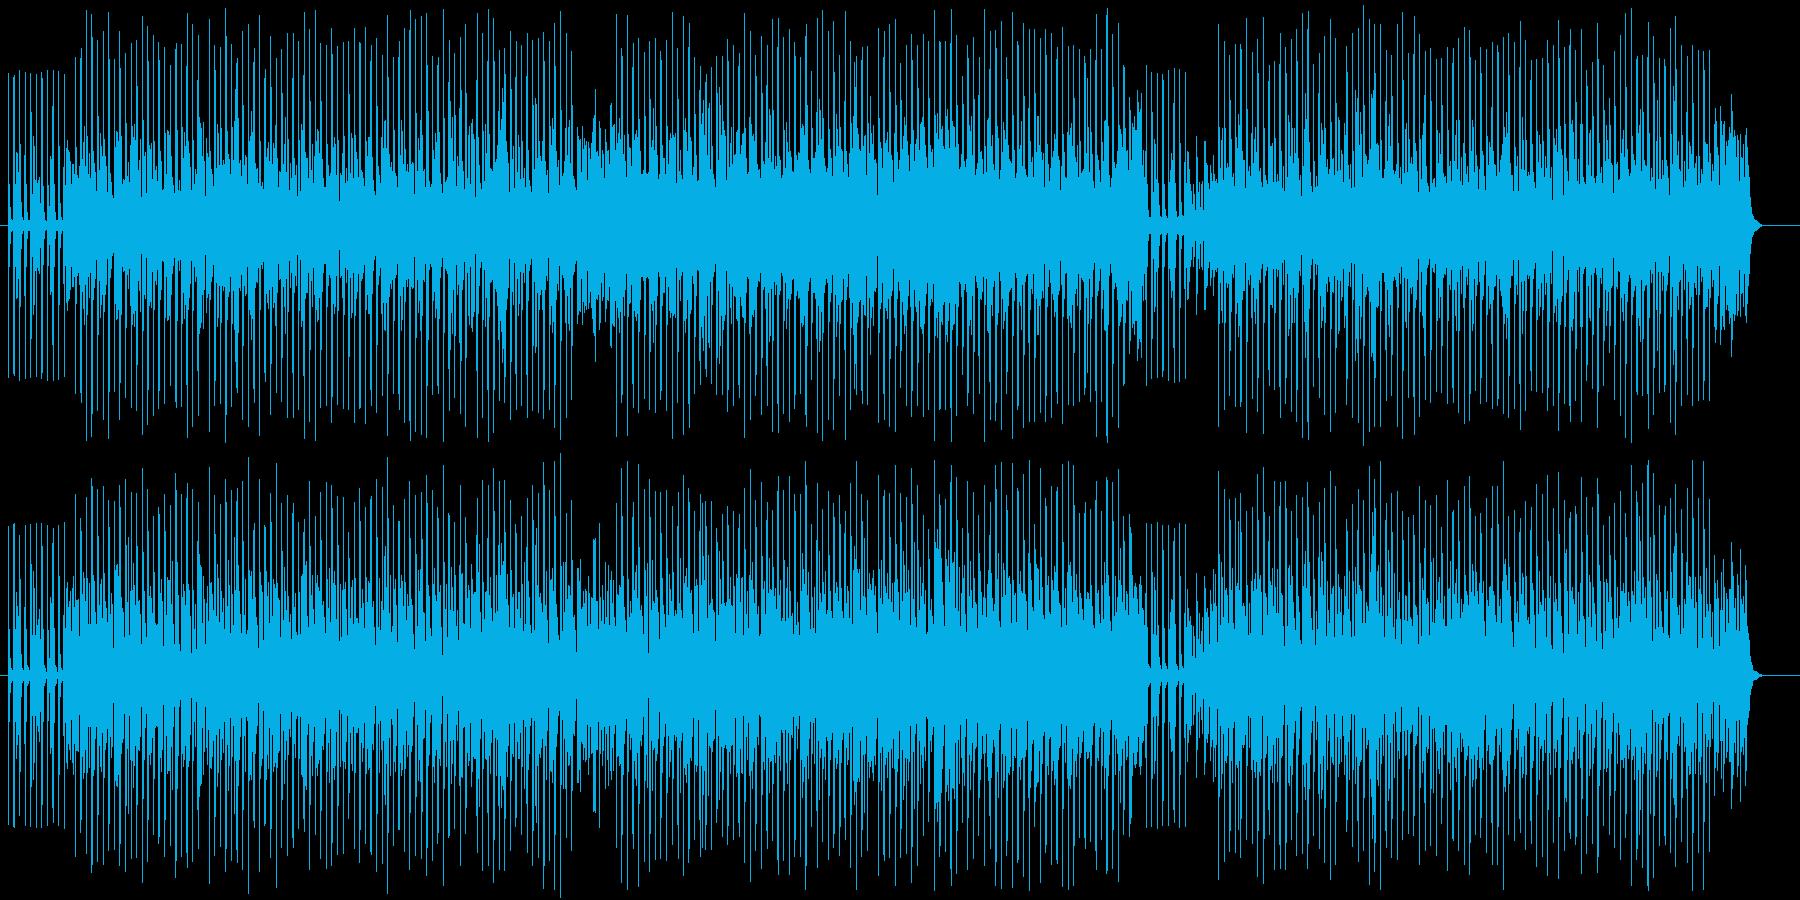 レトロなゲームミュージック 宇宙の再生済みの波形